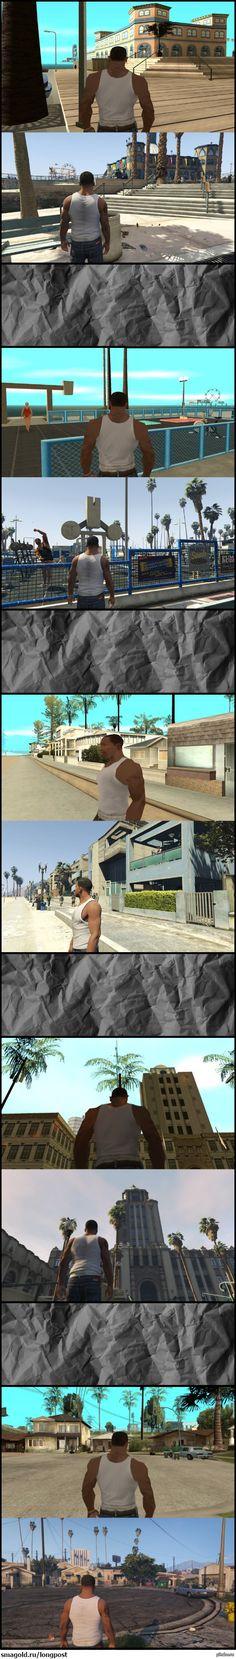 Разница в 11 лет. GTA:SA и GTA V  GTA, не мое, время, прогресс, игры, длиннопост